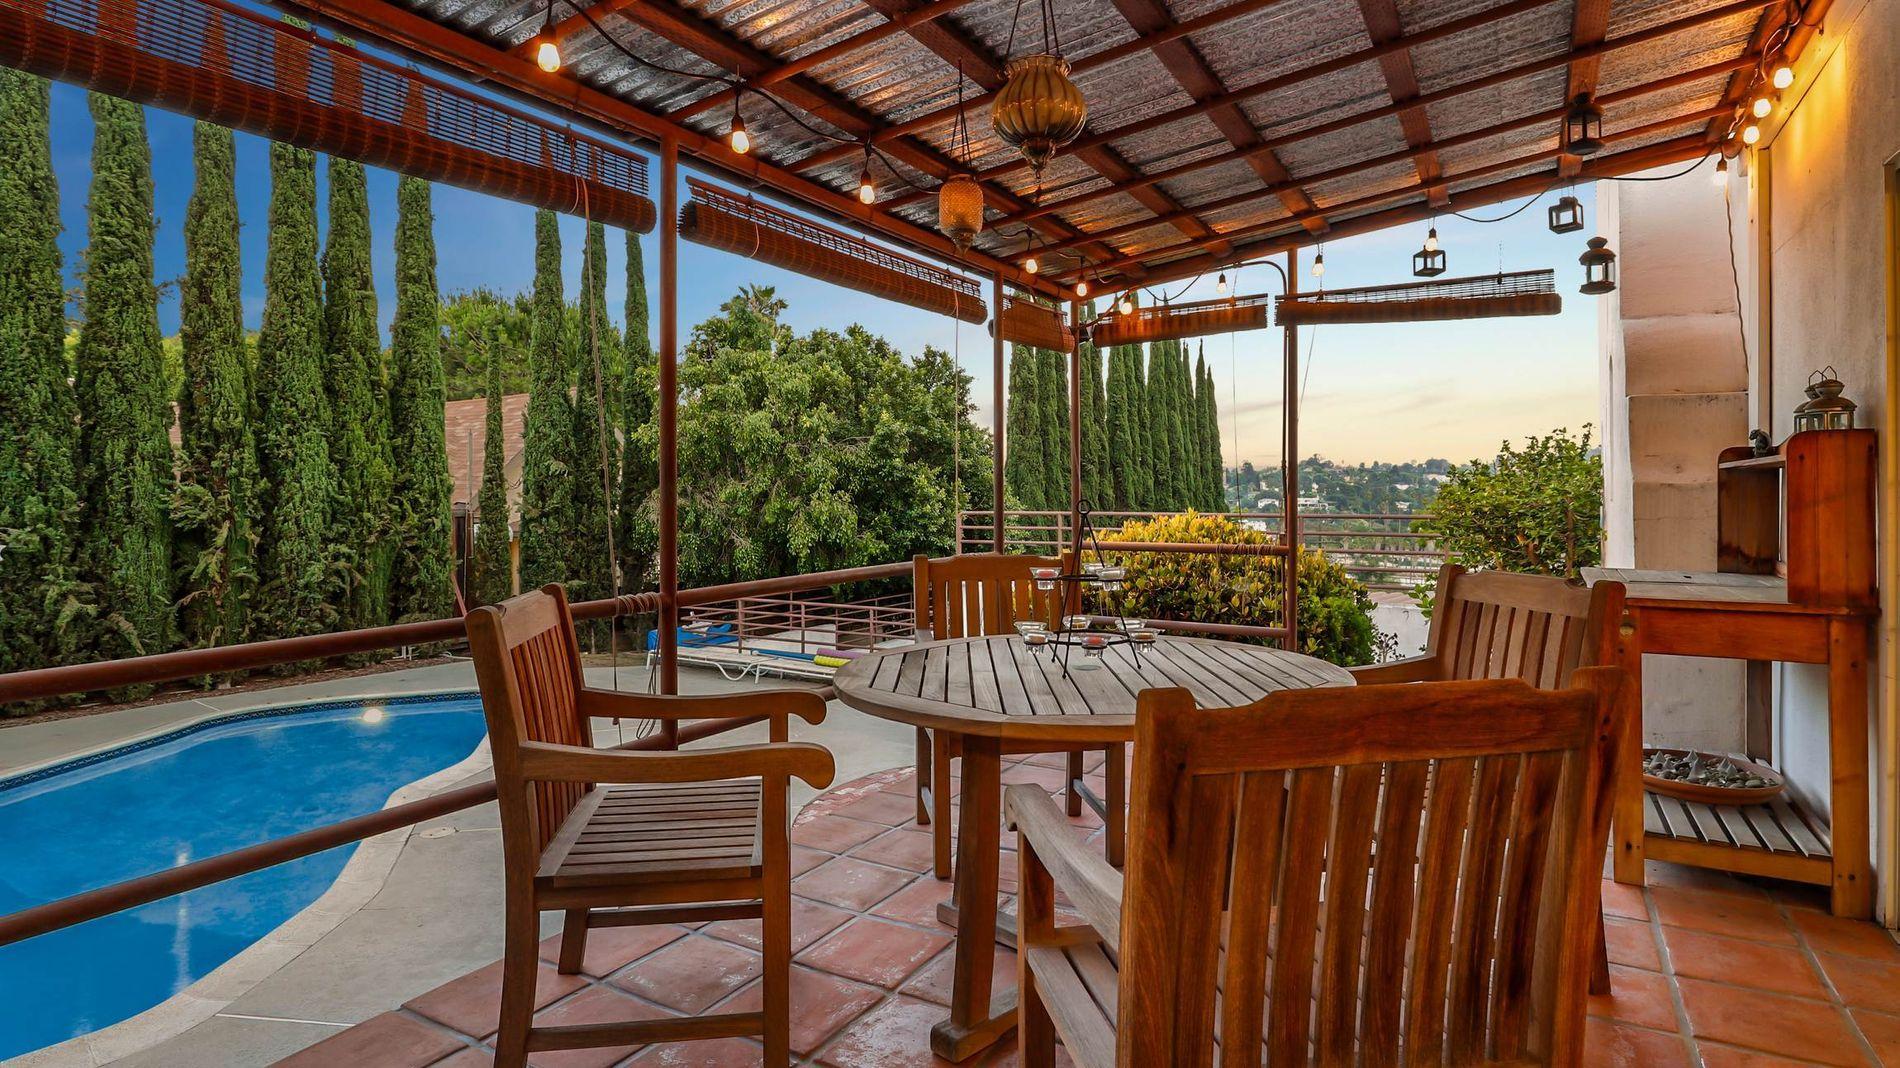 HJEMMEKOSELIG: På meglerens nettsider står det at huset har spa, peis og boblebad på terrassen.